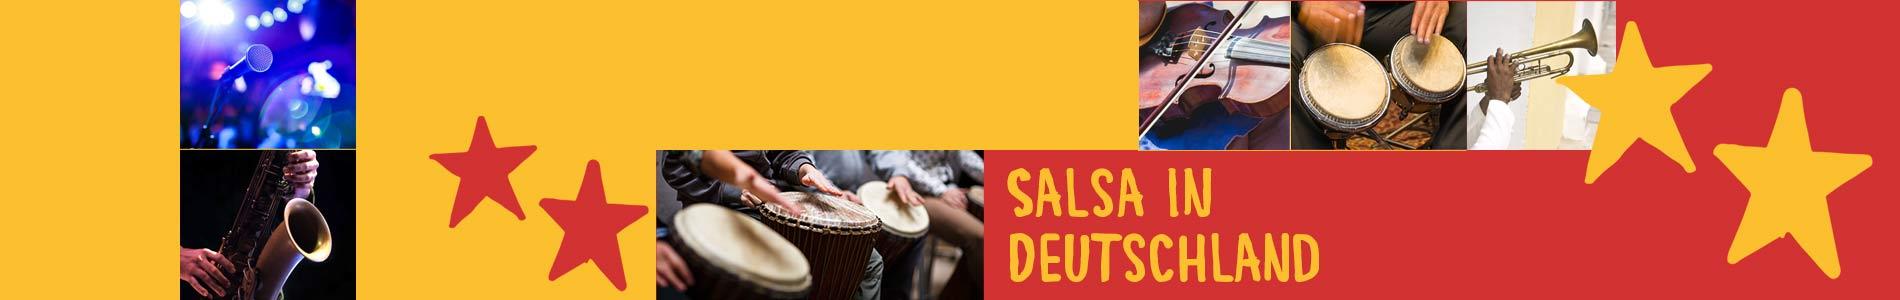 Salsa in Brome – Salsa lernen und tanzen, Tanzkurse, Partys, Veranstaltungen